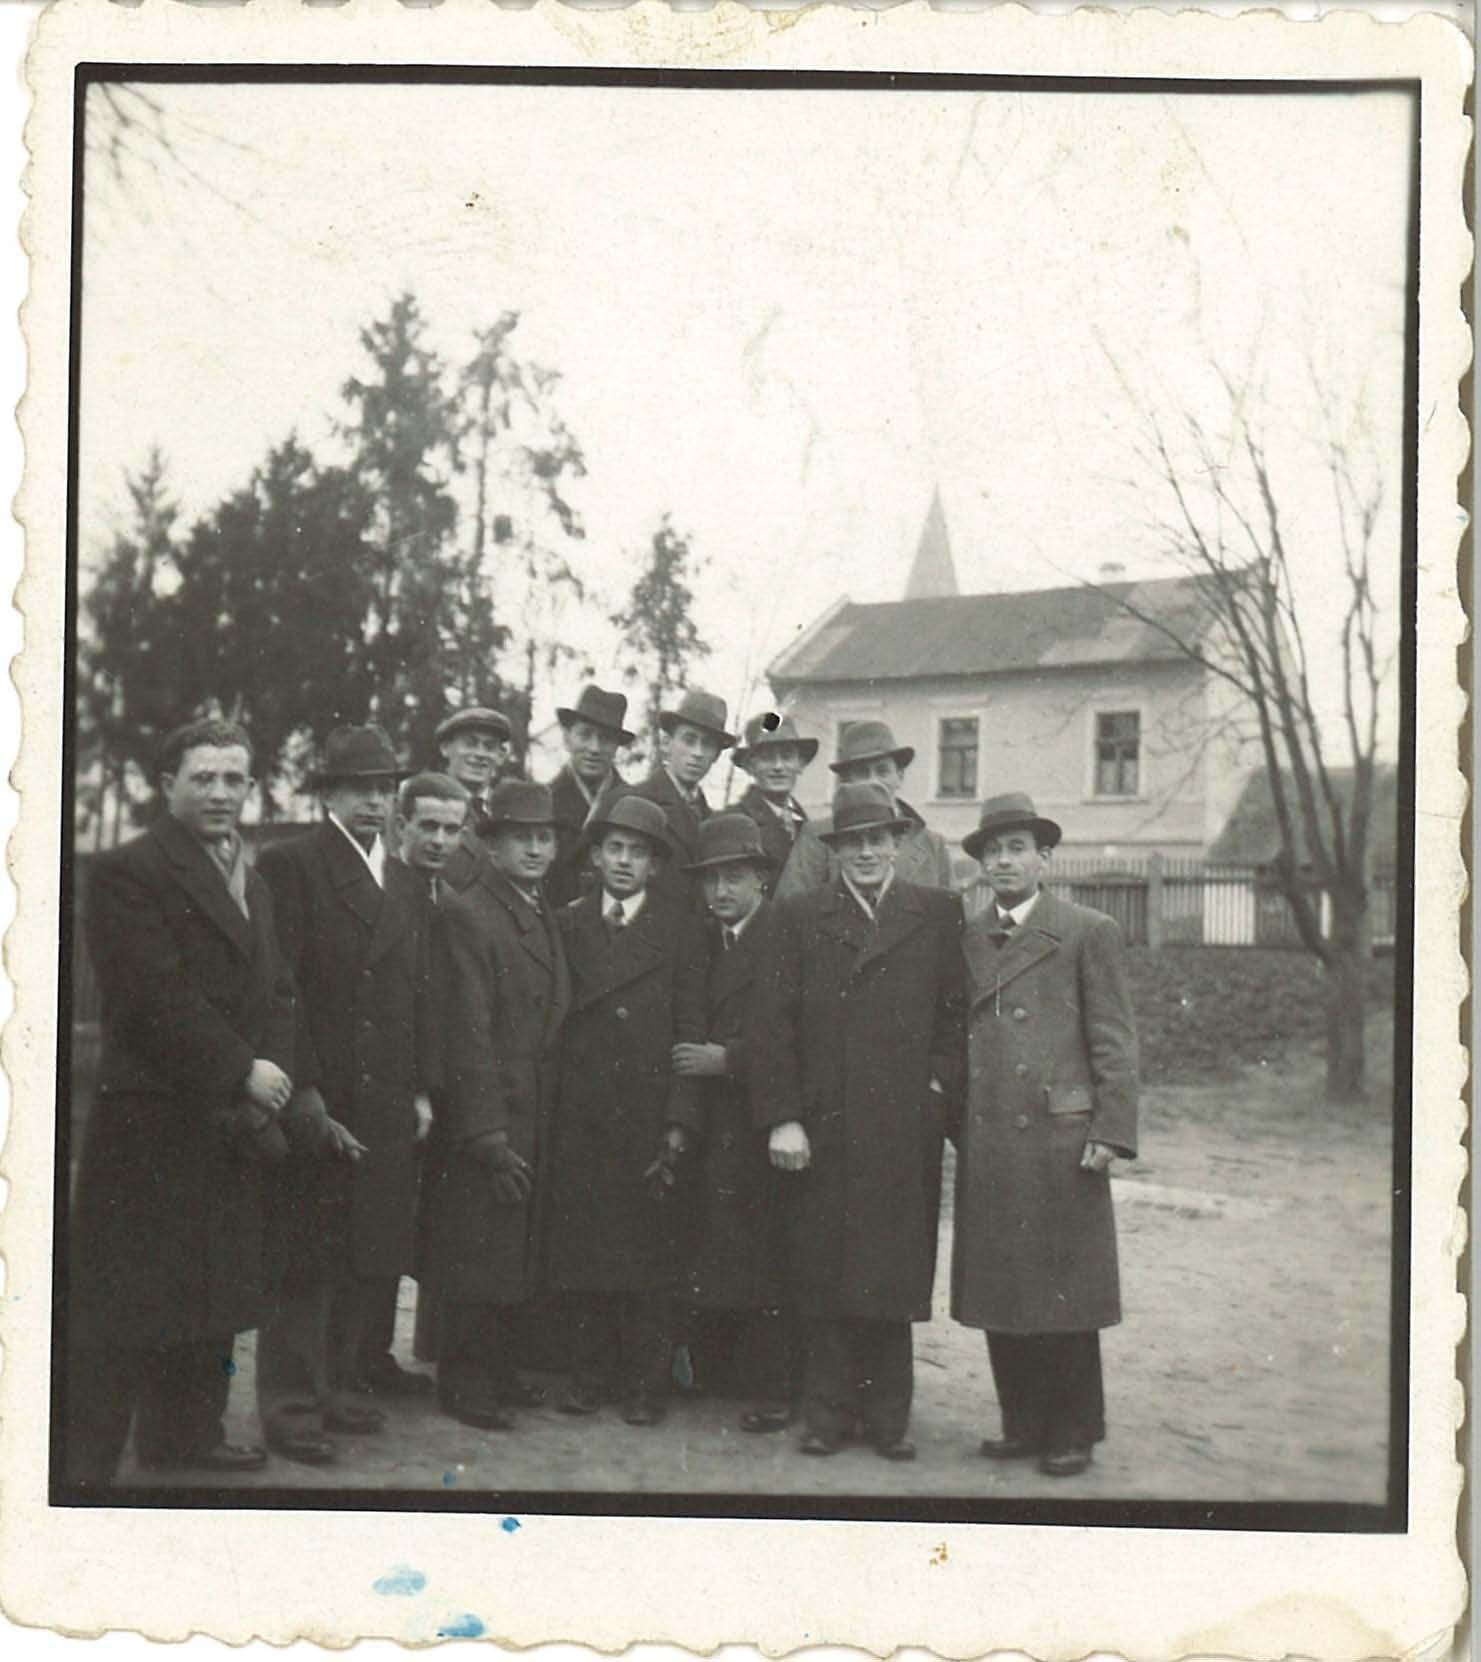 On back: 1934, Bardejov, Fudem